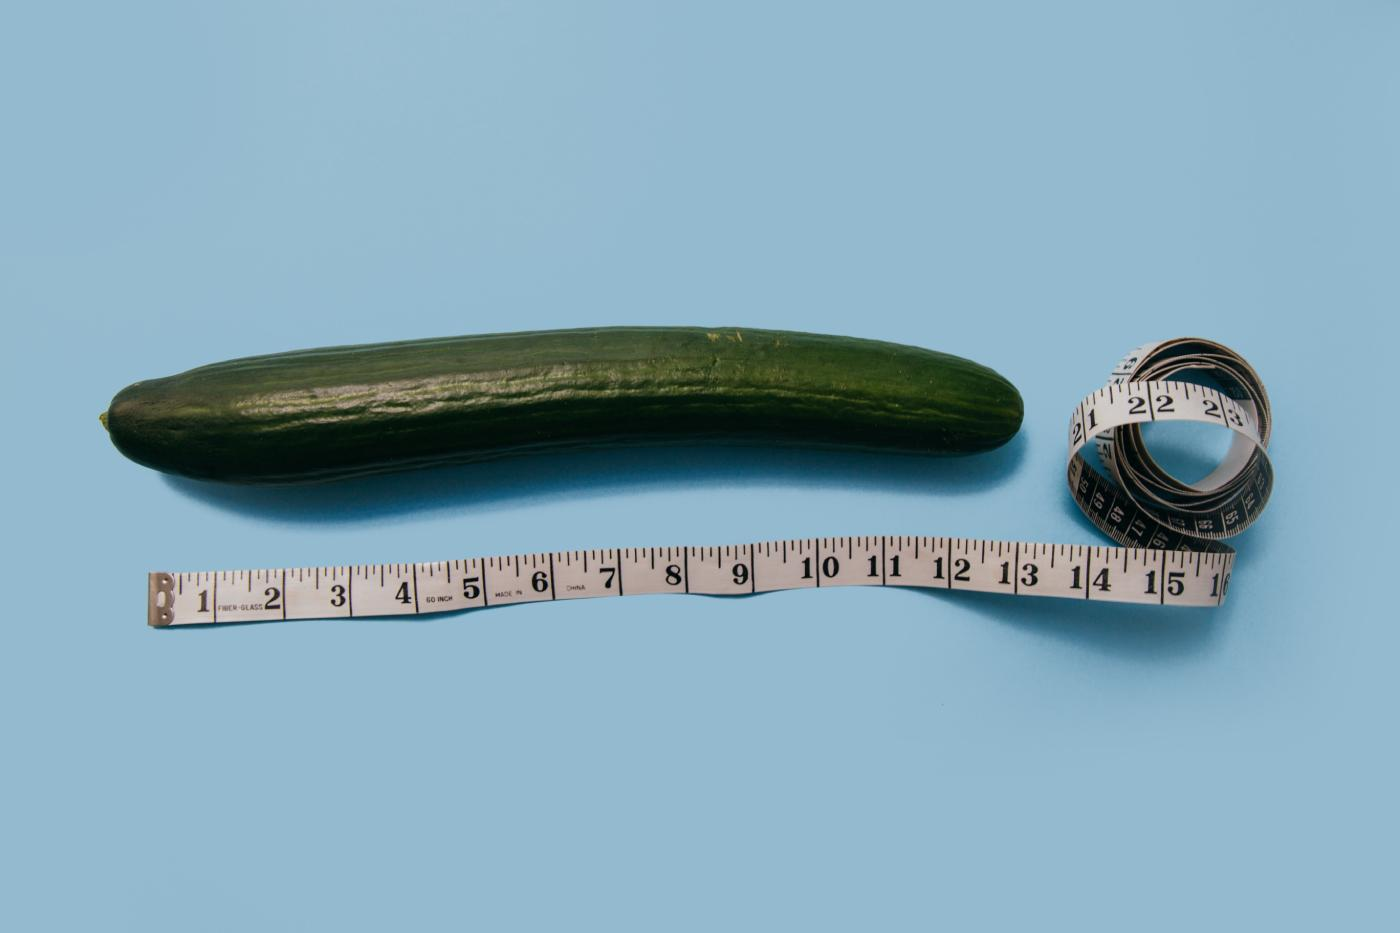 hogyan kell helyesen használni az erekciós szivattyút hiányos erekciós fotók